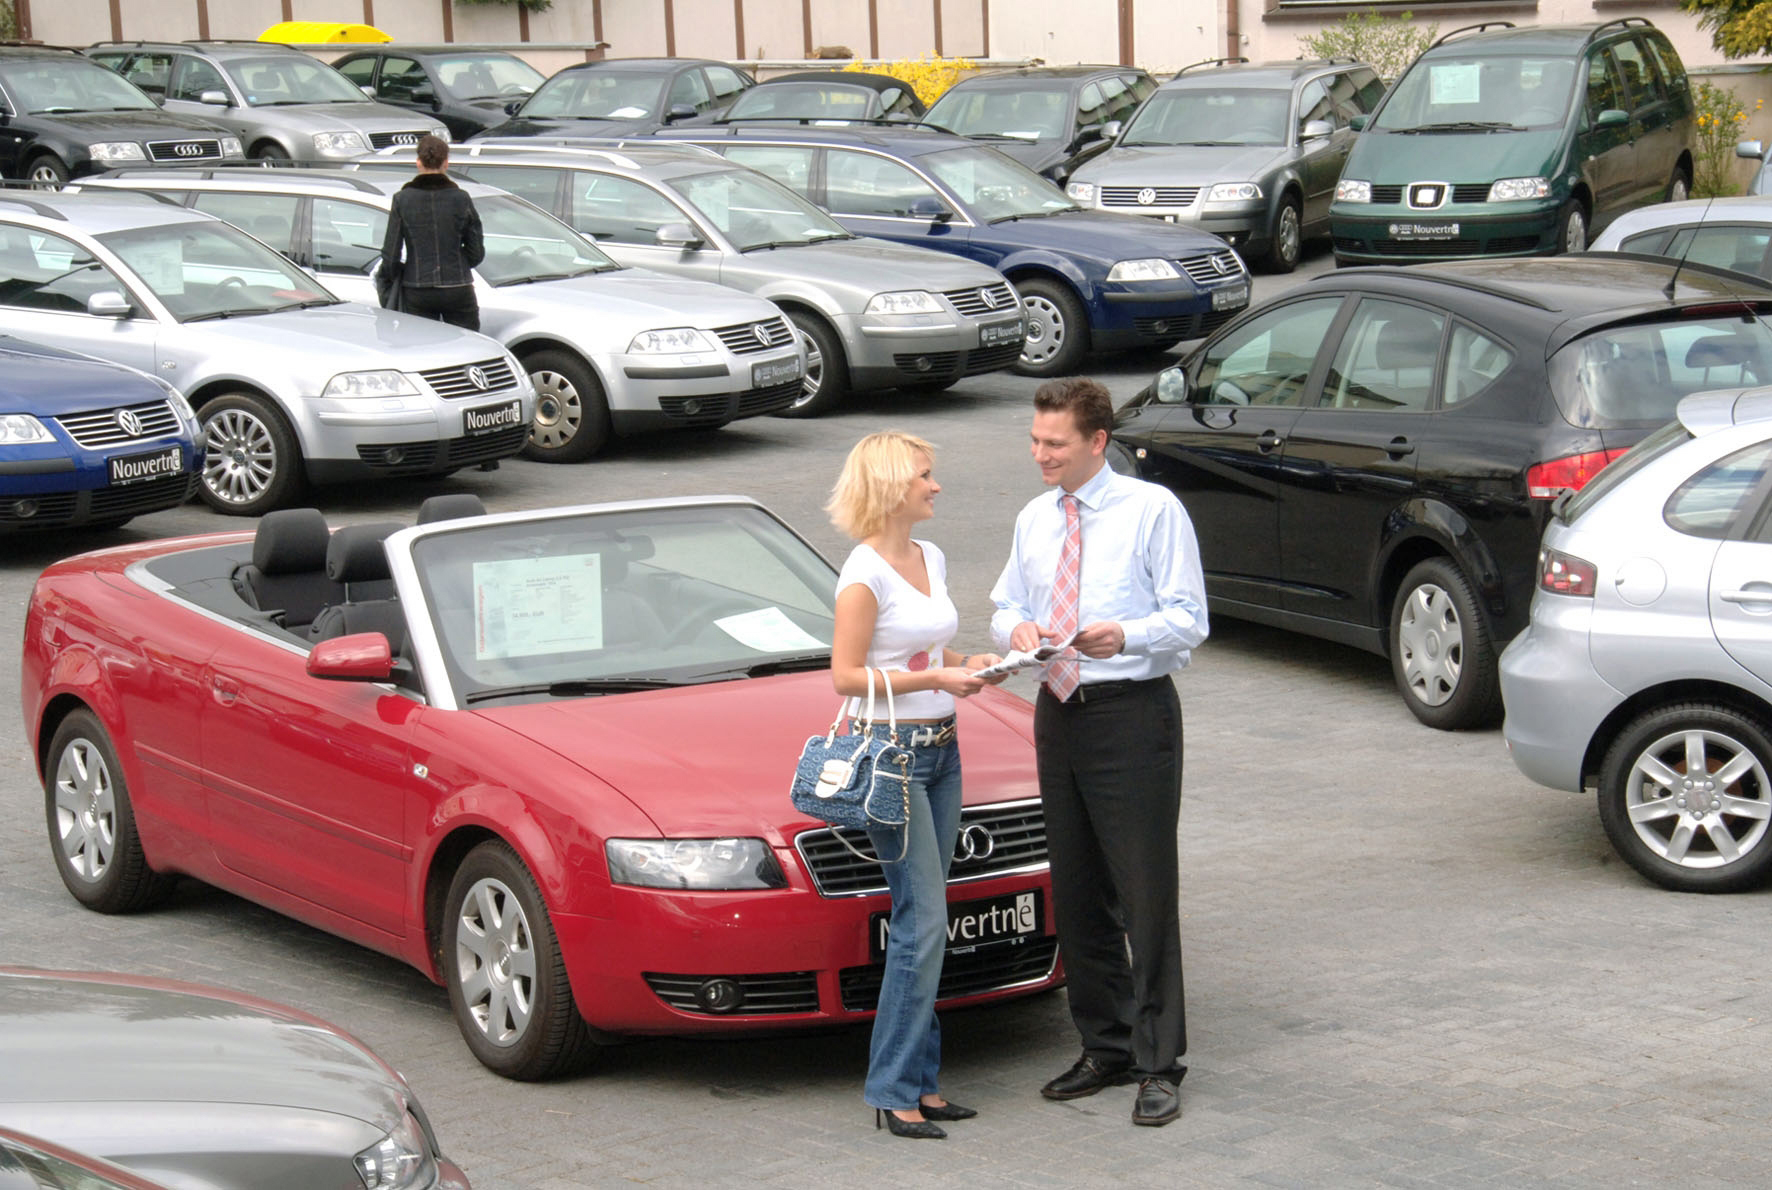 Cabrio-Kauf: Die Auswahl im Handel und bei privaten Verkäufern ist groß